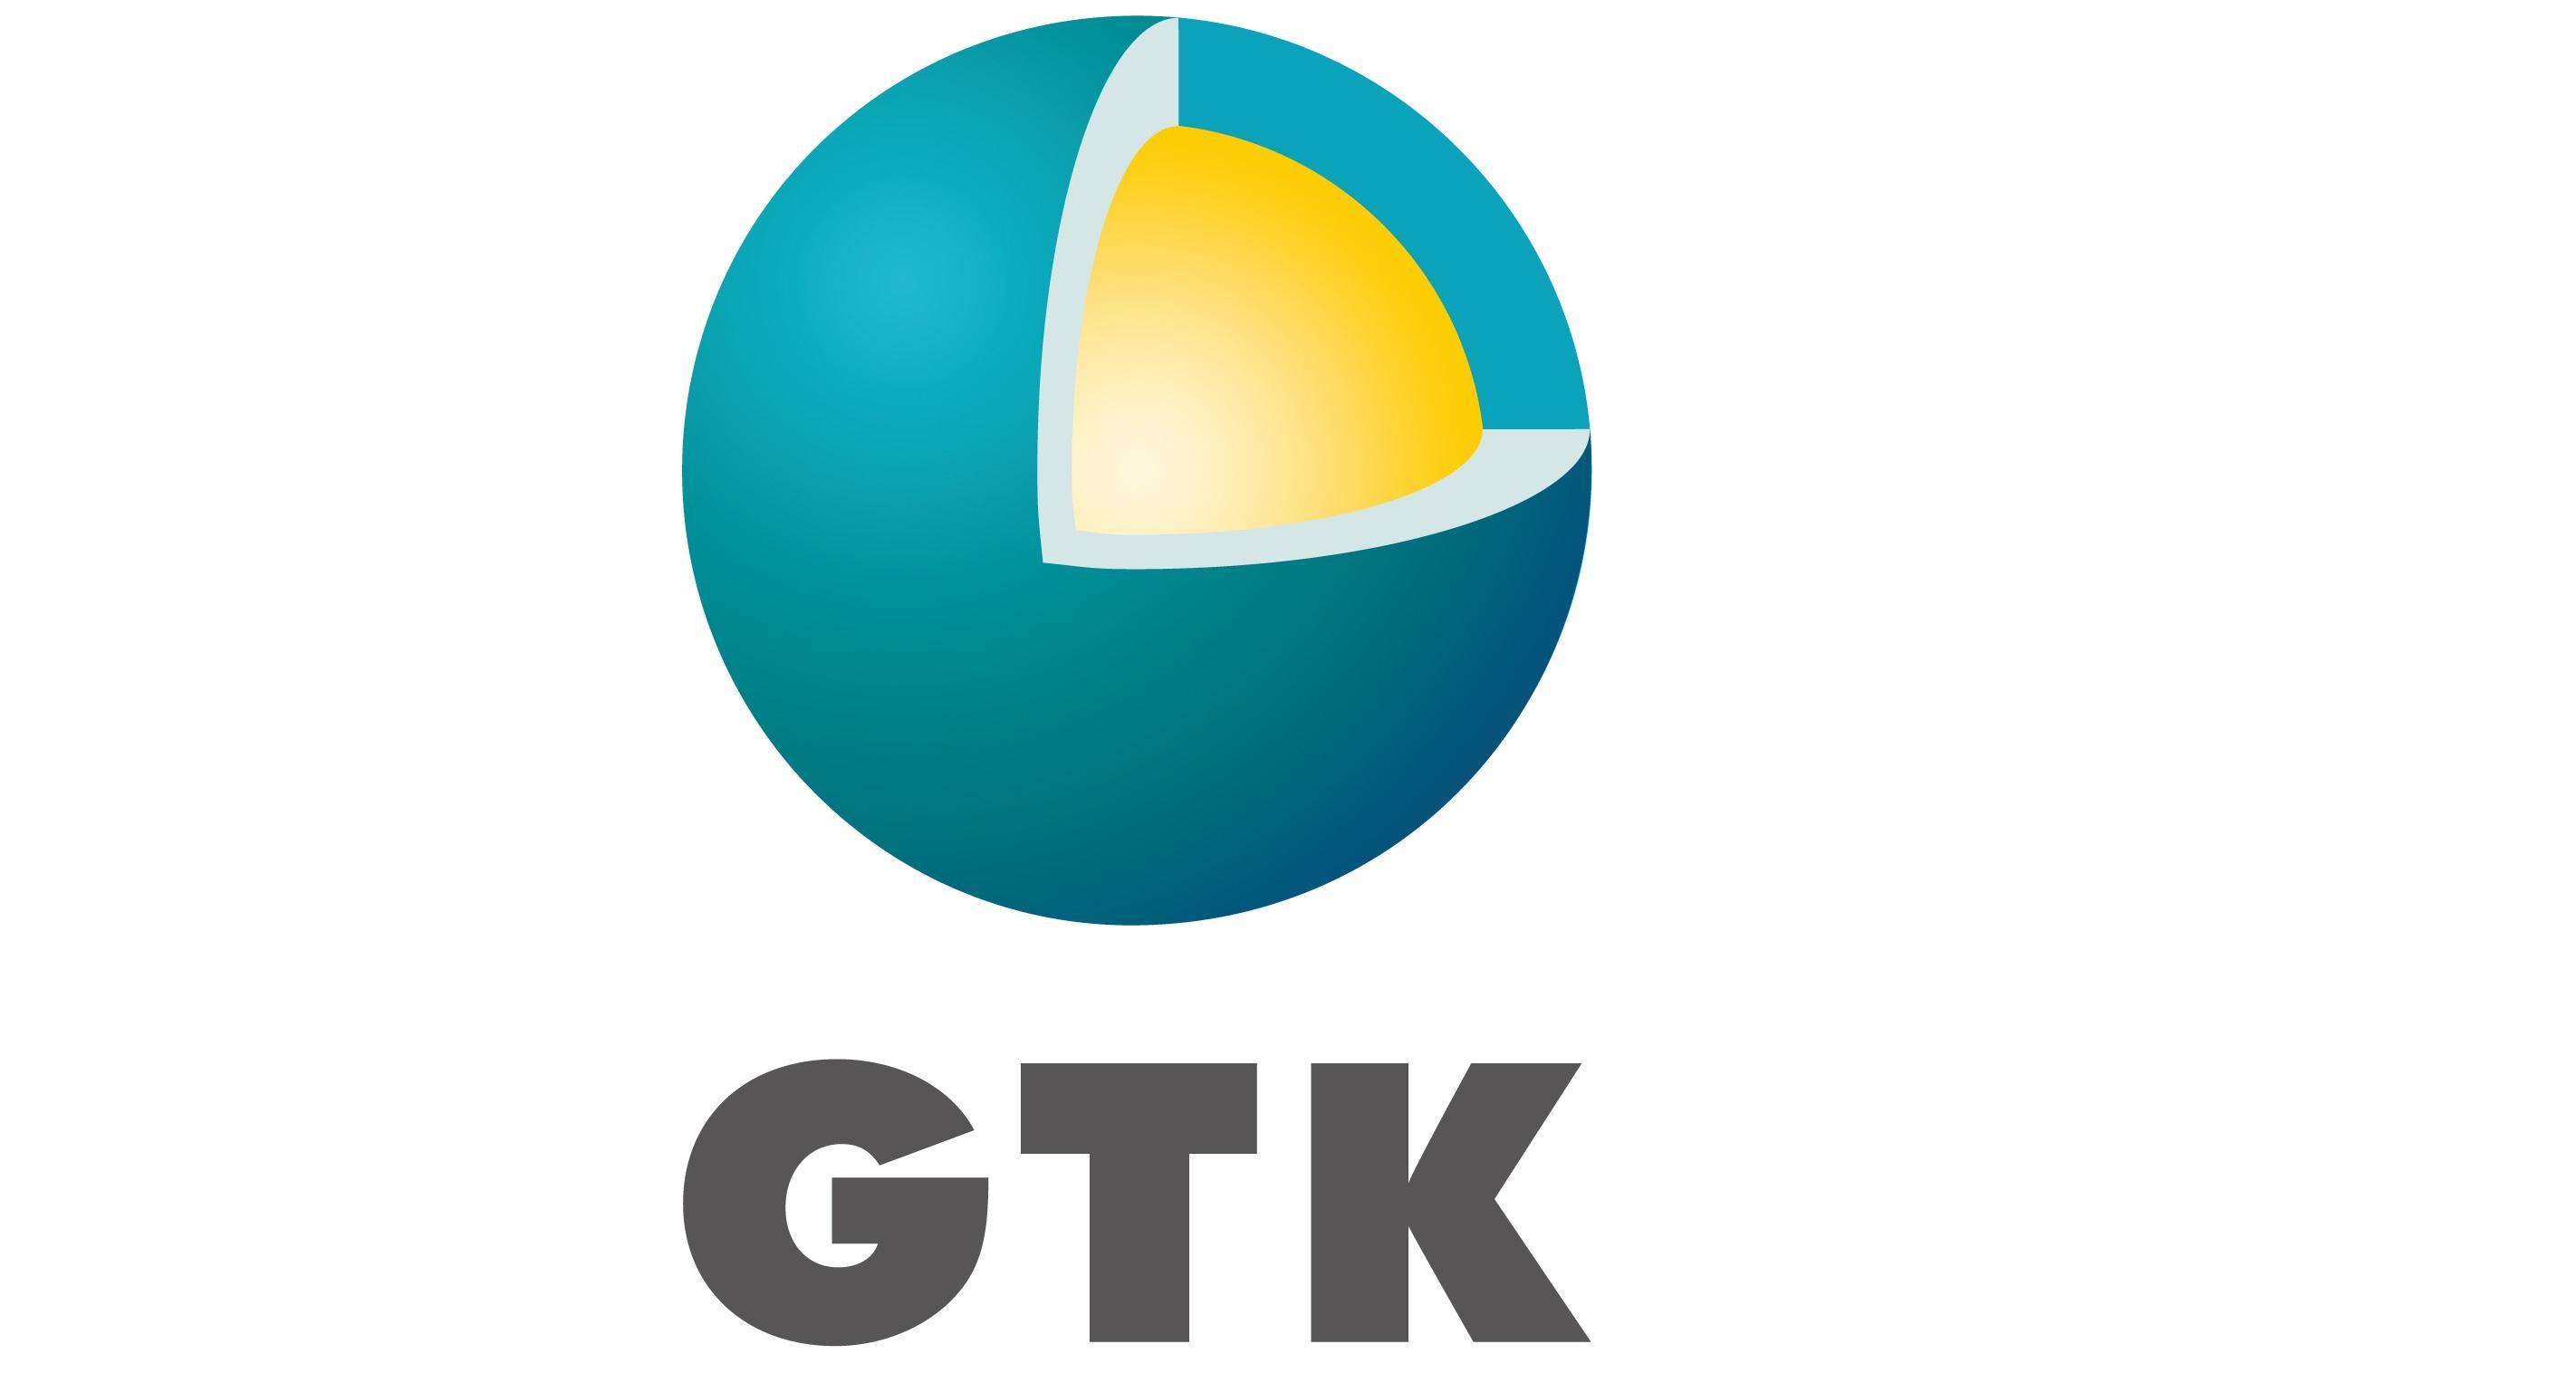 gtk_logo_netti2